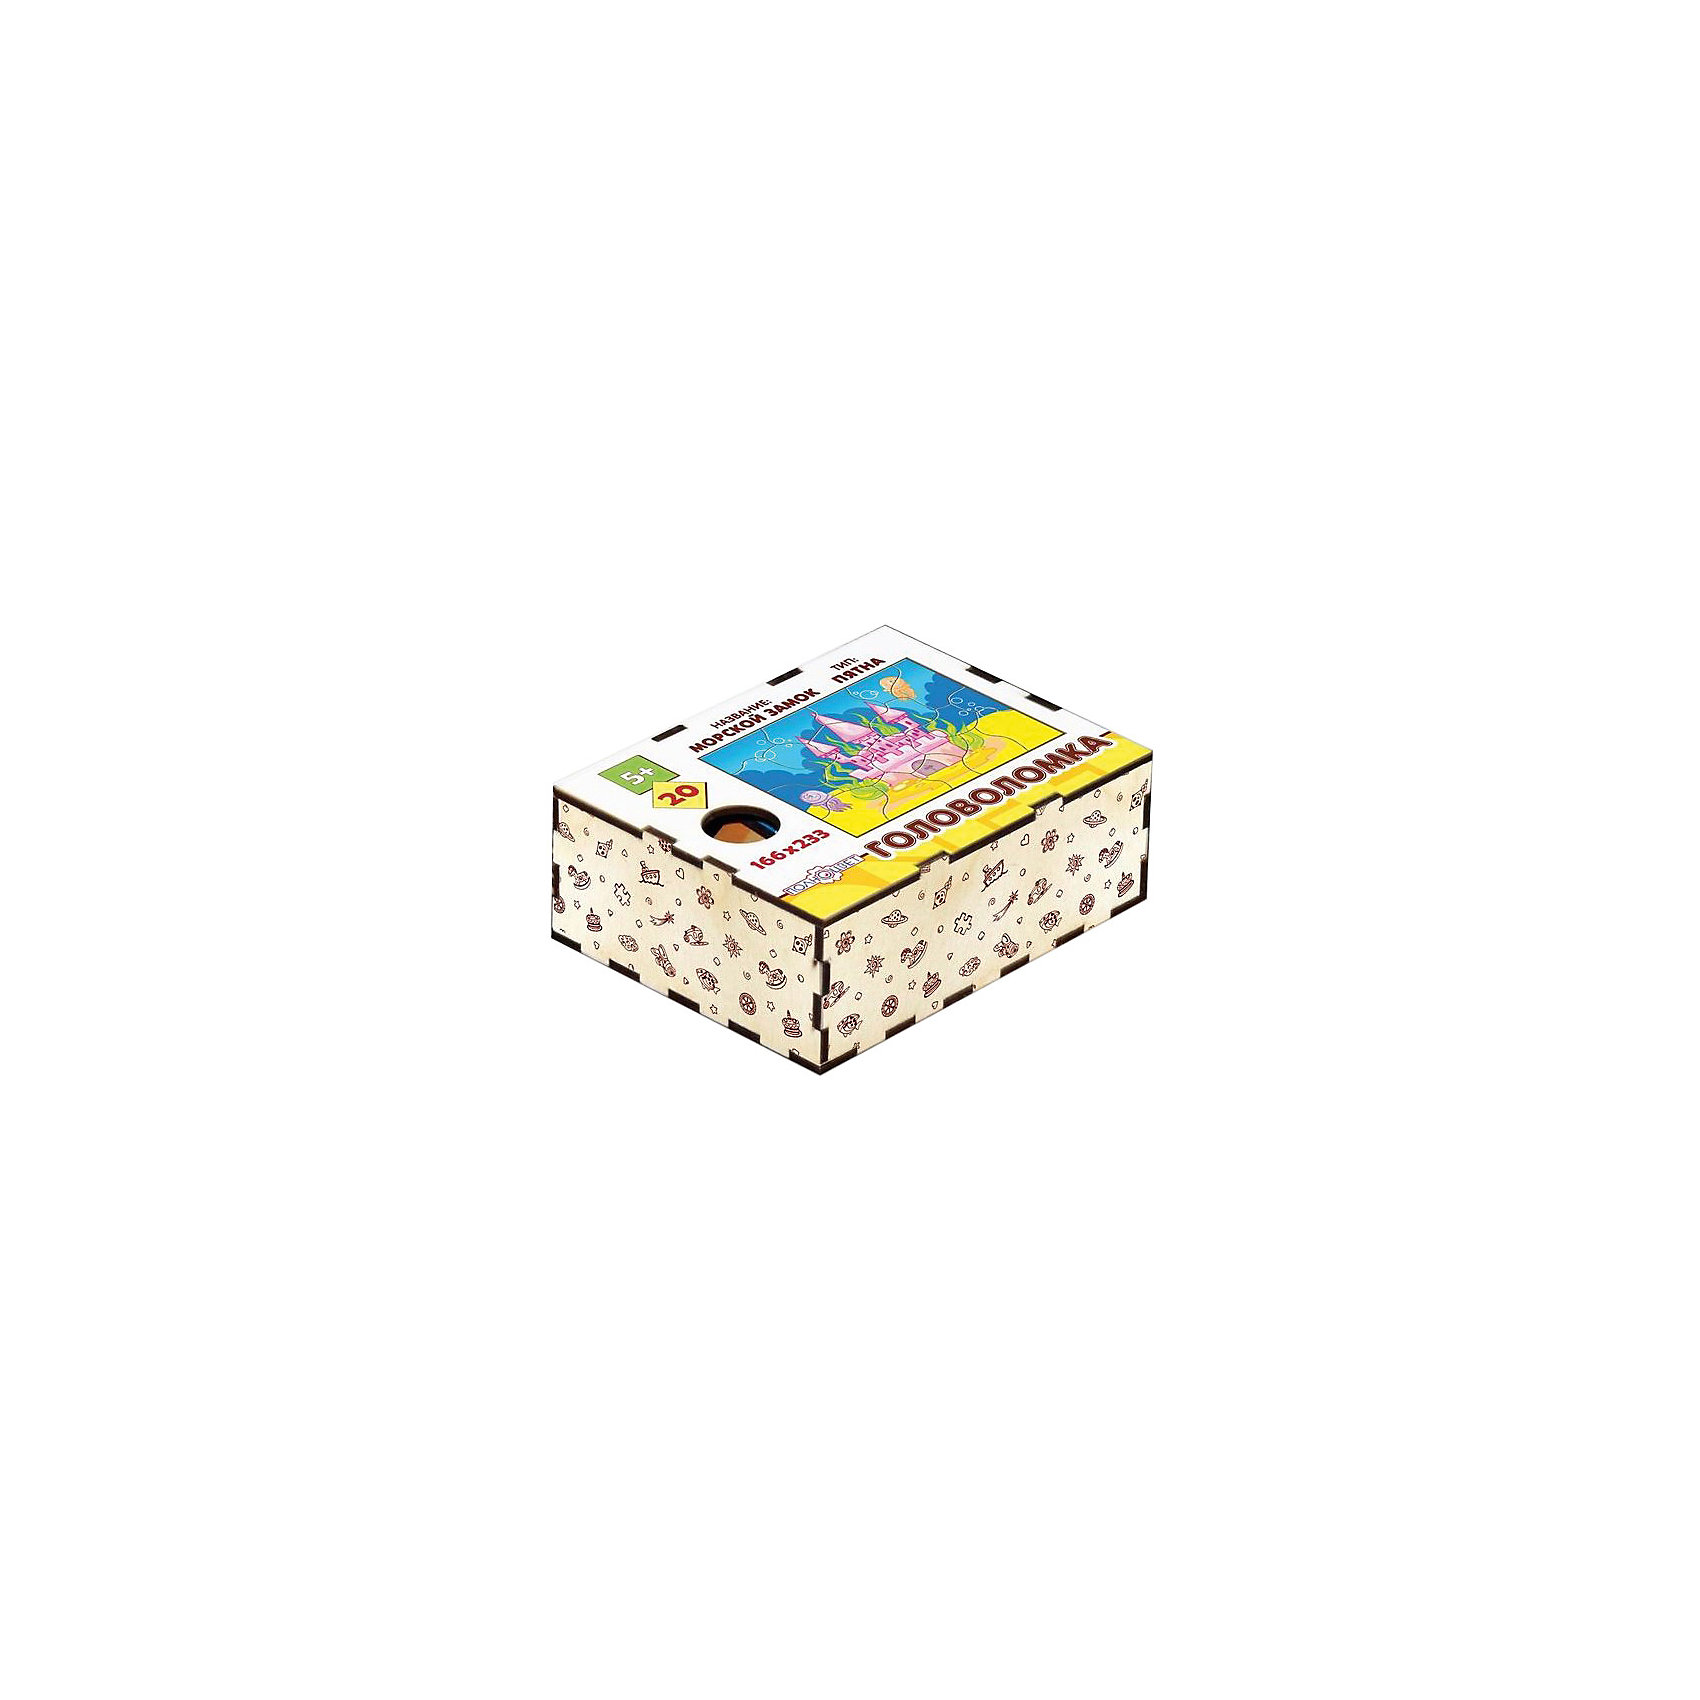 Головоломка Пятна.Морской замок, ПолноцветДеревянные головоломки<br>Деревянные головоломки с высококачественной печатью. Высокий срок службы и устойчивость к нагрузкам.  Рекомендовано для детских садов и центров, а также для домашнего использования.<br>1.    Головоломки сделаны из натурального дерева.<br>2.    Точная лазерная резка.<br>3.    Высококачественная печать.<br>4.    Прочность и долговечность.<br>5.    Экологичность и безопасность.<br>6.    Рекомендовано для детского развития. Размер: 166х233х3мм<br><br>Ширина мм: 30<br>Глубина мм: 230<br>Высота мм: 170<br>Вес г: 150<br>Возраст от месяцев: 36<br>Возраст до месяцев: 2147483647<br>Пол: Унисекс<br>Возраст: Детский<br>SKU: 7025972